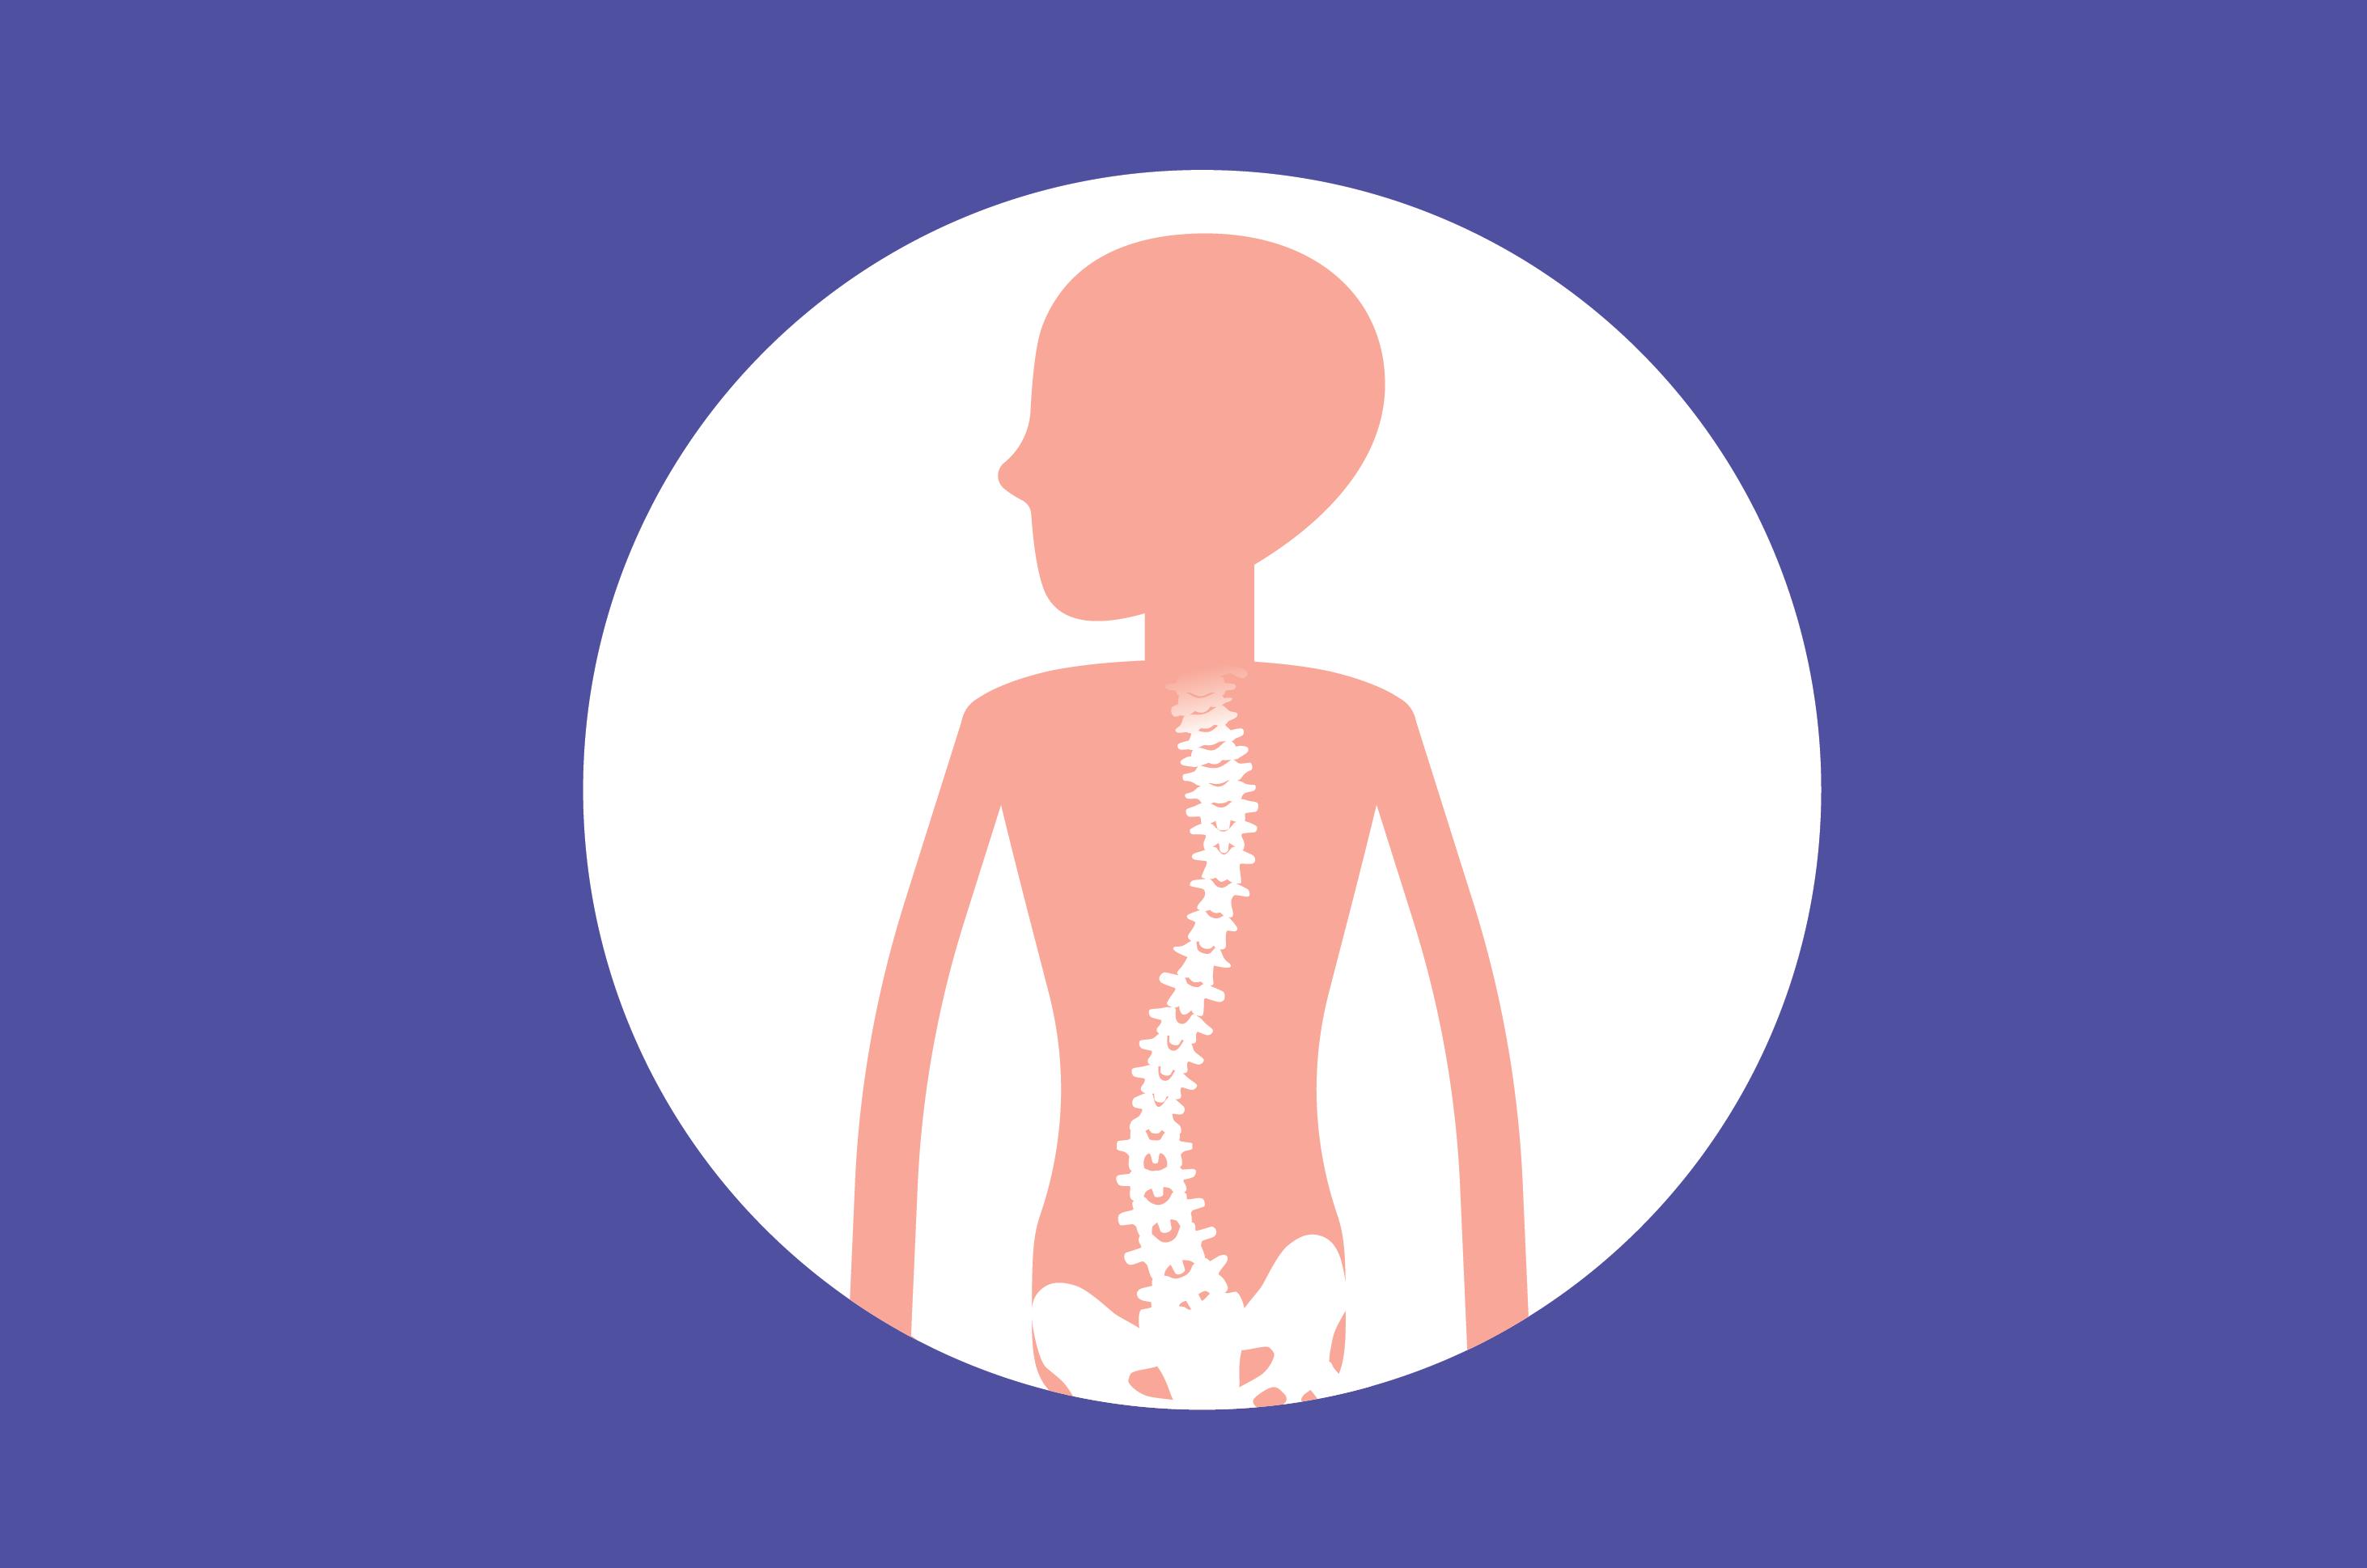 Waspada Tulang Belakang Melengkung atau Skoliosis